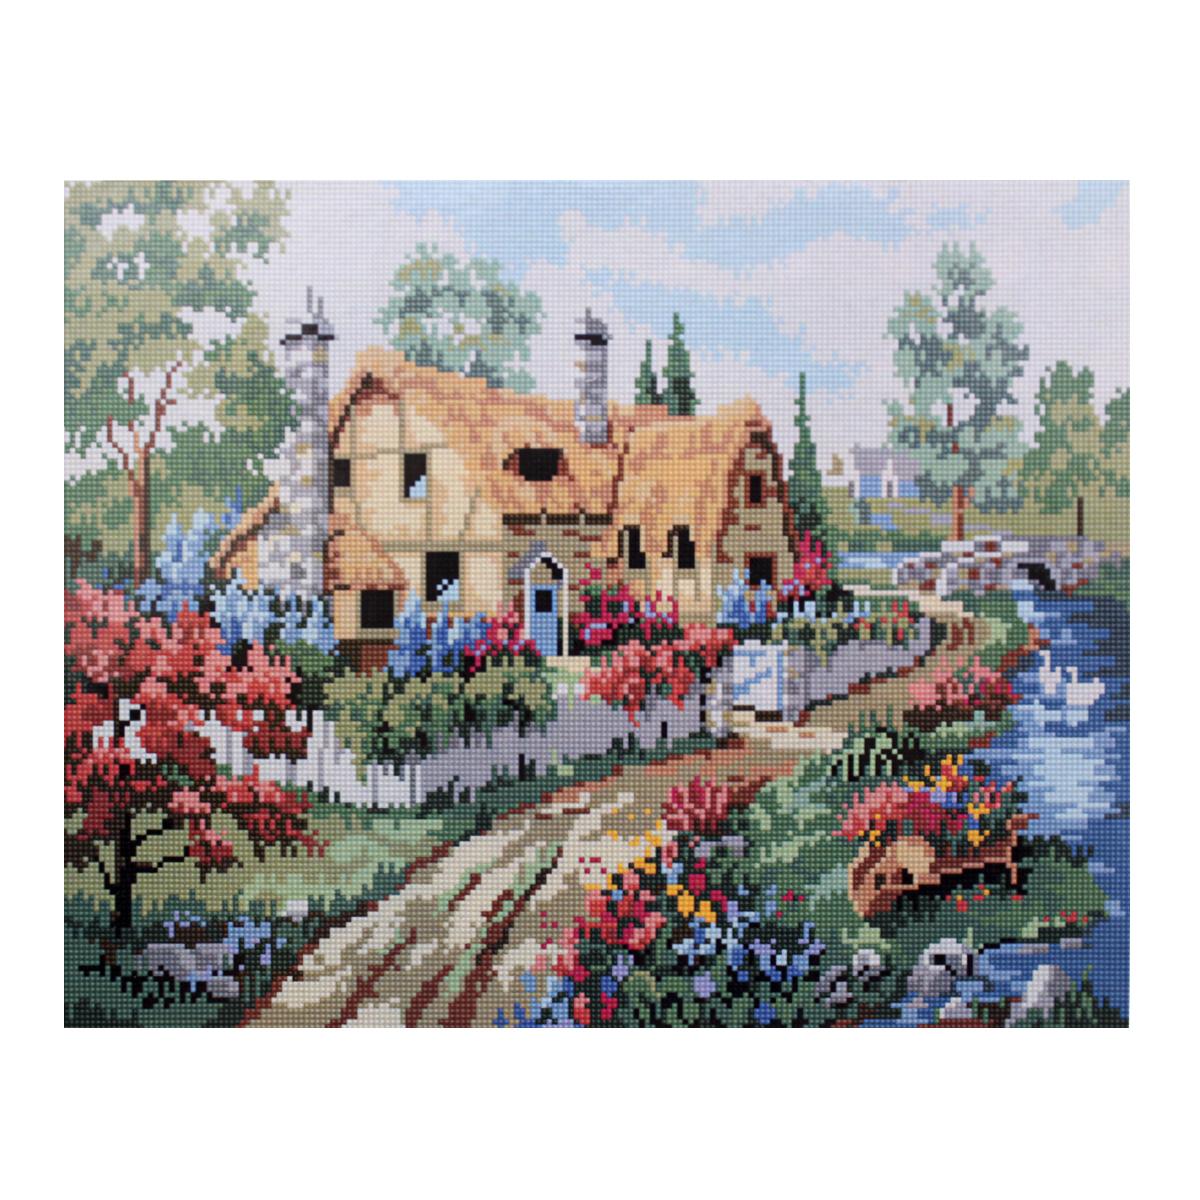 Алмазная мозаика Cristal, на деревянном подрамнике, 40 х 50 см. 77130007713000/GZ023Набор для творчества Cristal поможет вам создать свой личный шедевр - красивую картину, выполненную в мозаичной технике. Выложите прекрасную картину из множества маленьких цветных камушков. С помощью пинцета камушки размещаются на холсте, в результате проявляется рисунок. Постепенно заполняя ряд за рядом, вы создадите чудесное переливающееся изображение. Каждый камушек выполнен из прочного материала. Работа, выполненная своими руками, станет отличным подарком для друзей и близких! В набор входит: - Основа картины с нанесенной схемой на деревянной раме; - Ключи к схеме; - Комплект искусственных камней (30 цветов); - Желеобразный клей; - Пинцет; - Прозрачный клей; - Пластиковая ручка; - Пластмассовый лоток для камней; - Металлические крепления для готовой работы. Диаметр камушка: 2,5 мм. Размер готового изделия: 40 х 50 см.